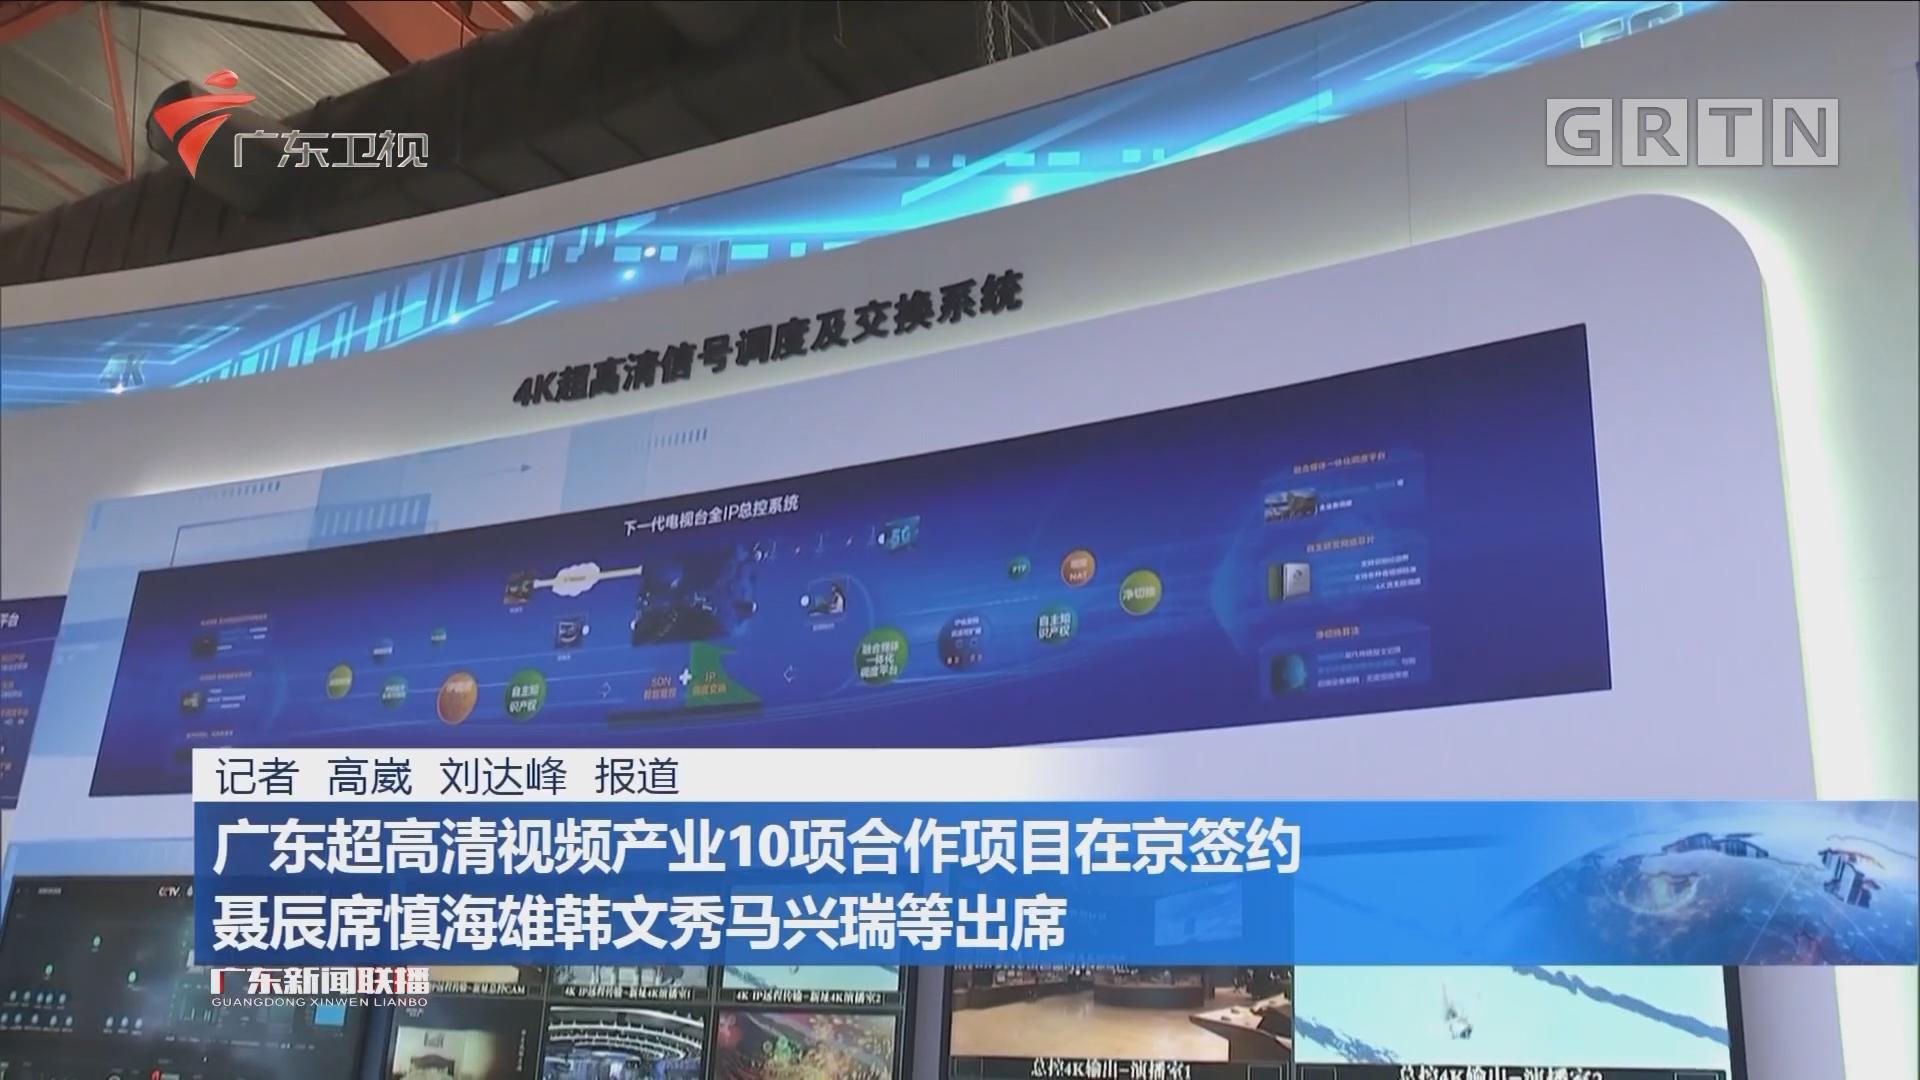 广东超高清视频产业10项合作项目在京签约 聂辰席慎海雄韩文秀马兴瑞等出席